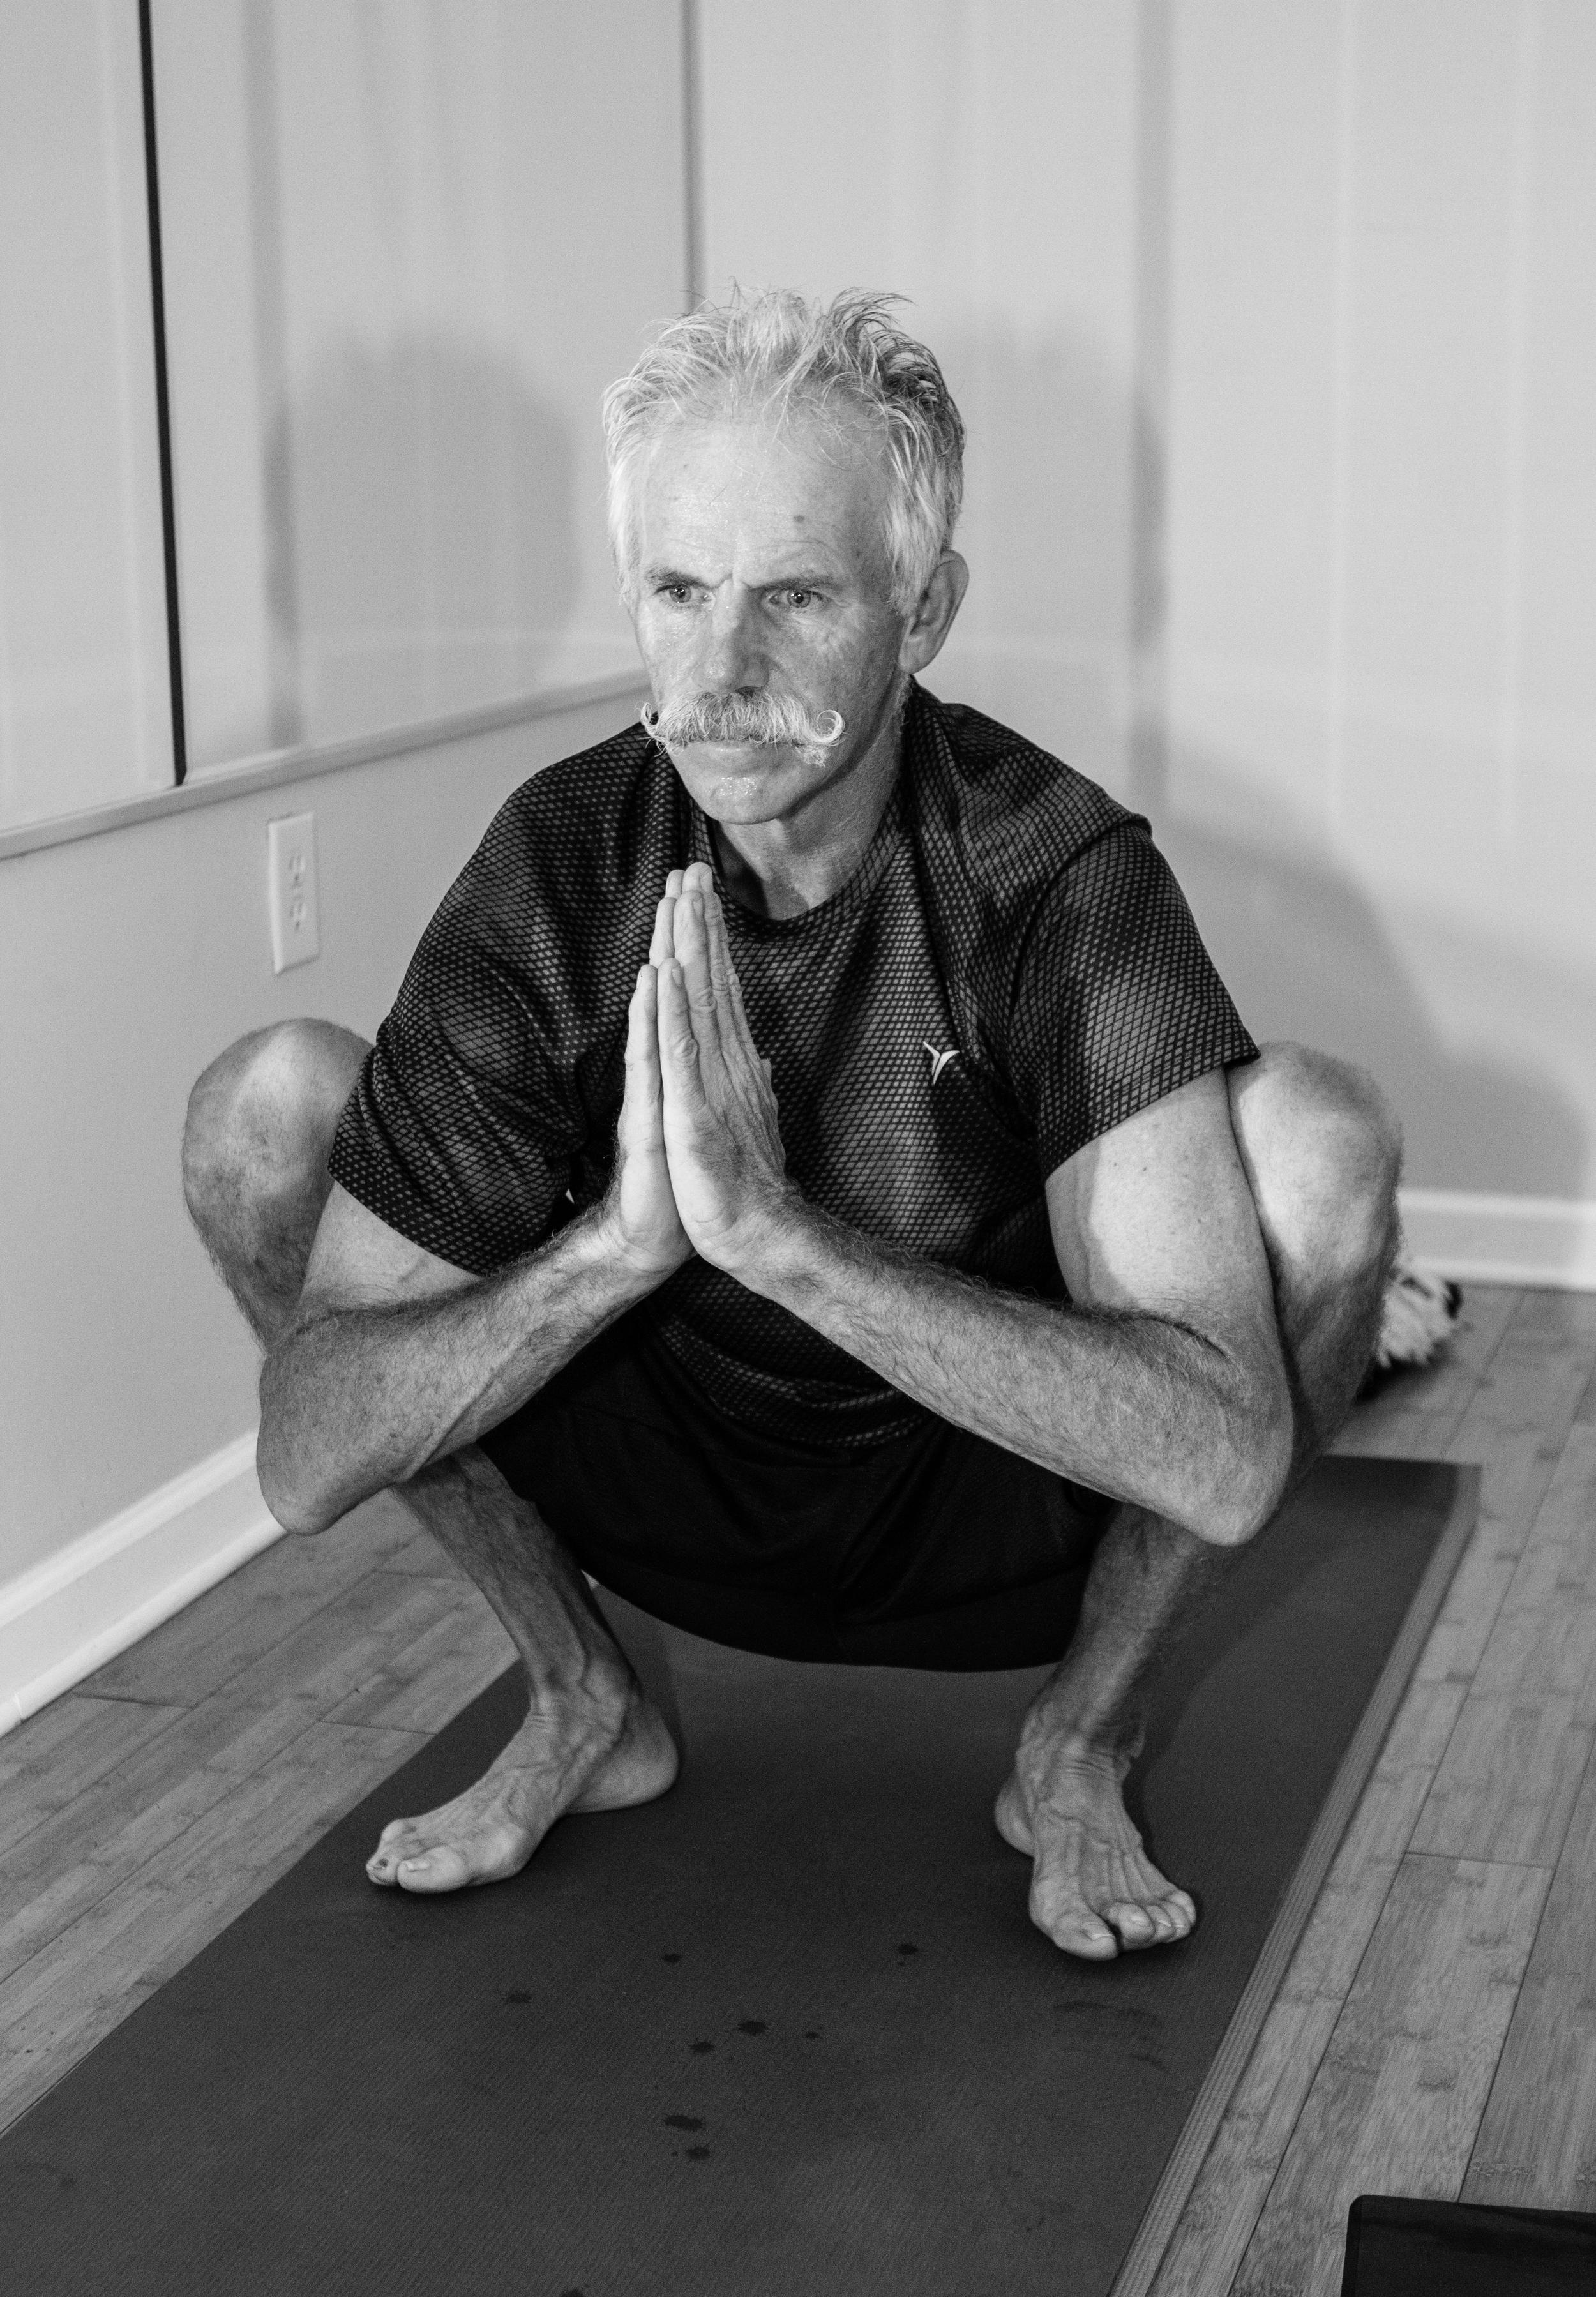 Yoga Matt Final Photos-57.jpg